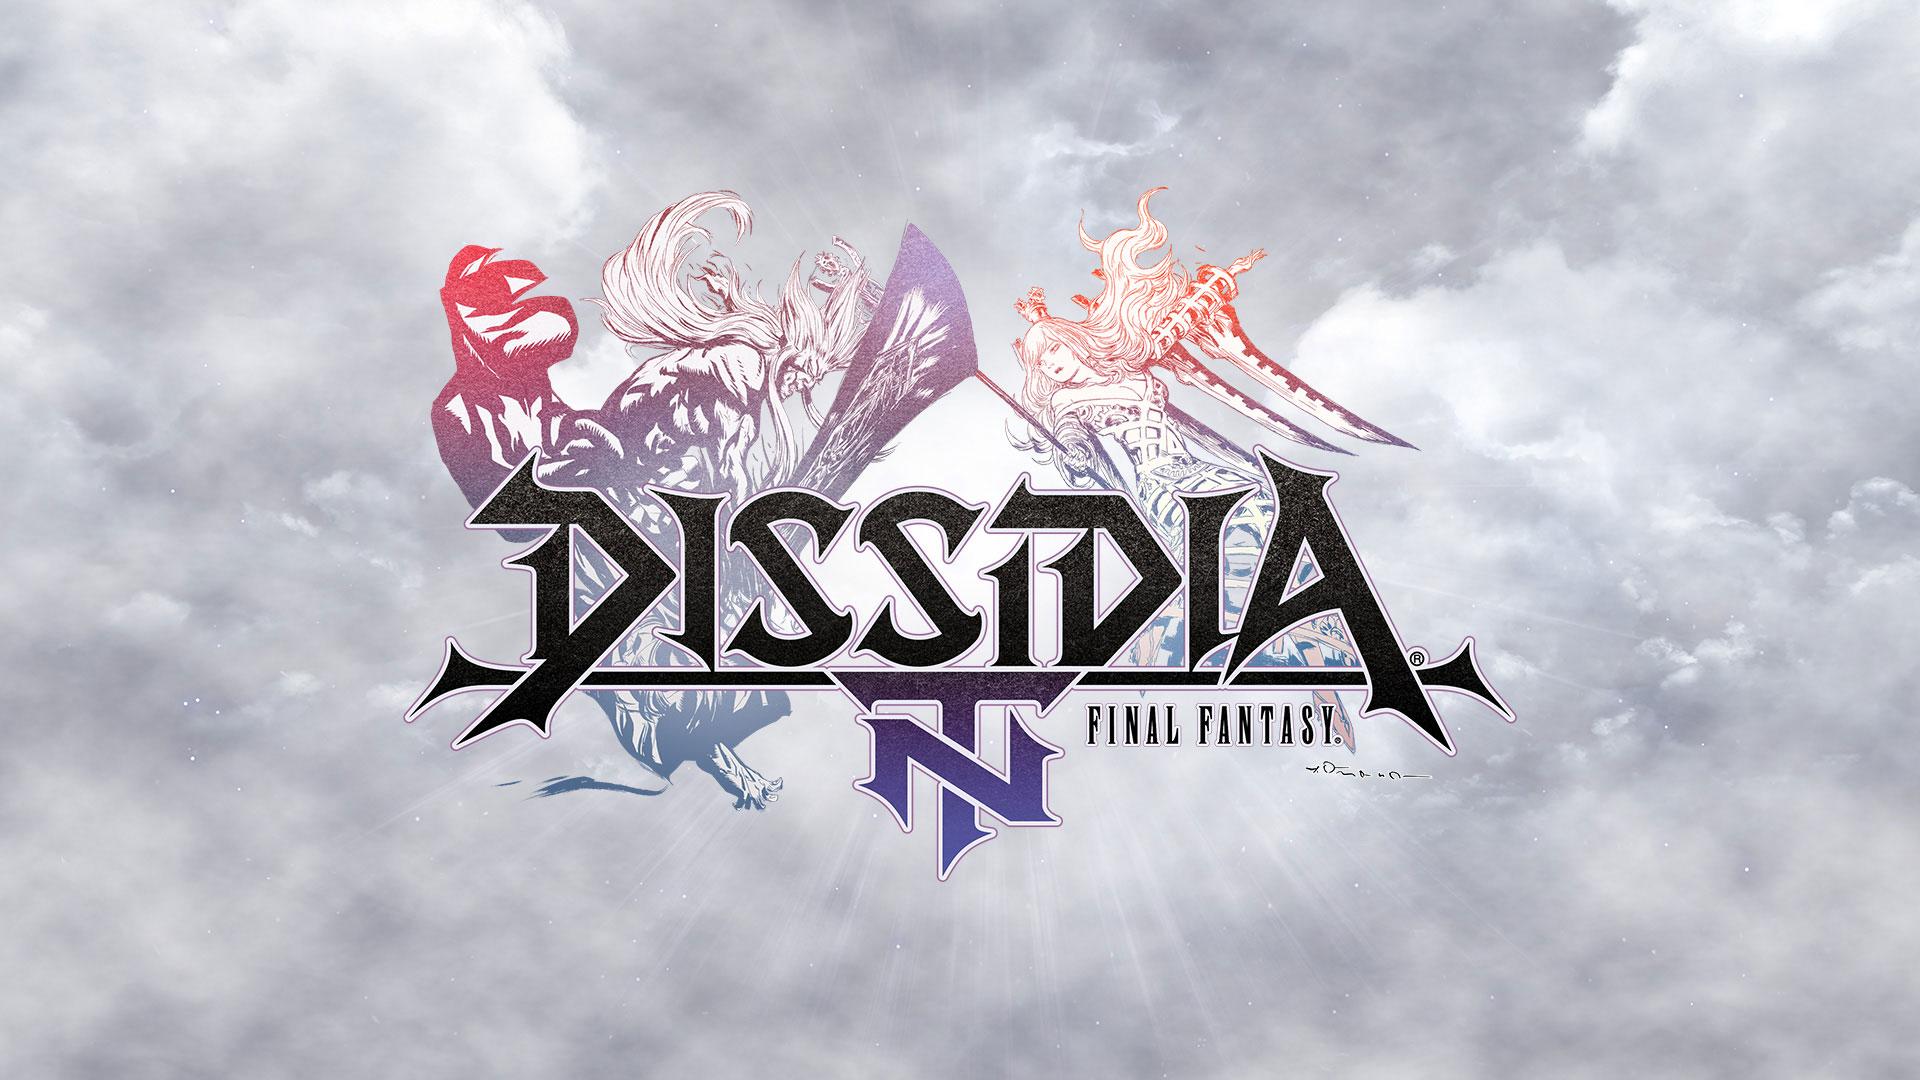 Обзор Dissidia Final Fantasy NT — хорошо, но не для людей